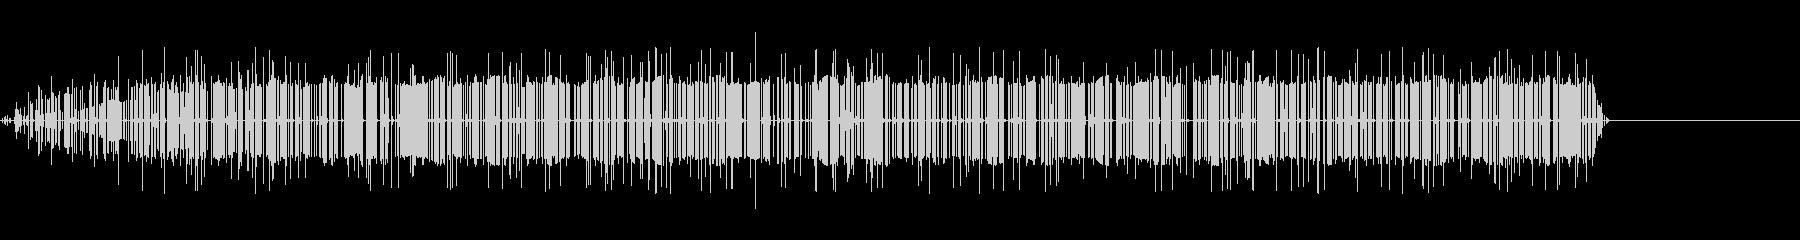 シンプルなノイズの音の未再生の波形